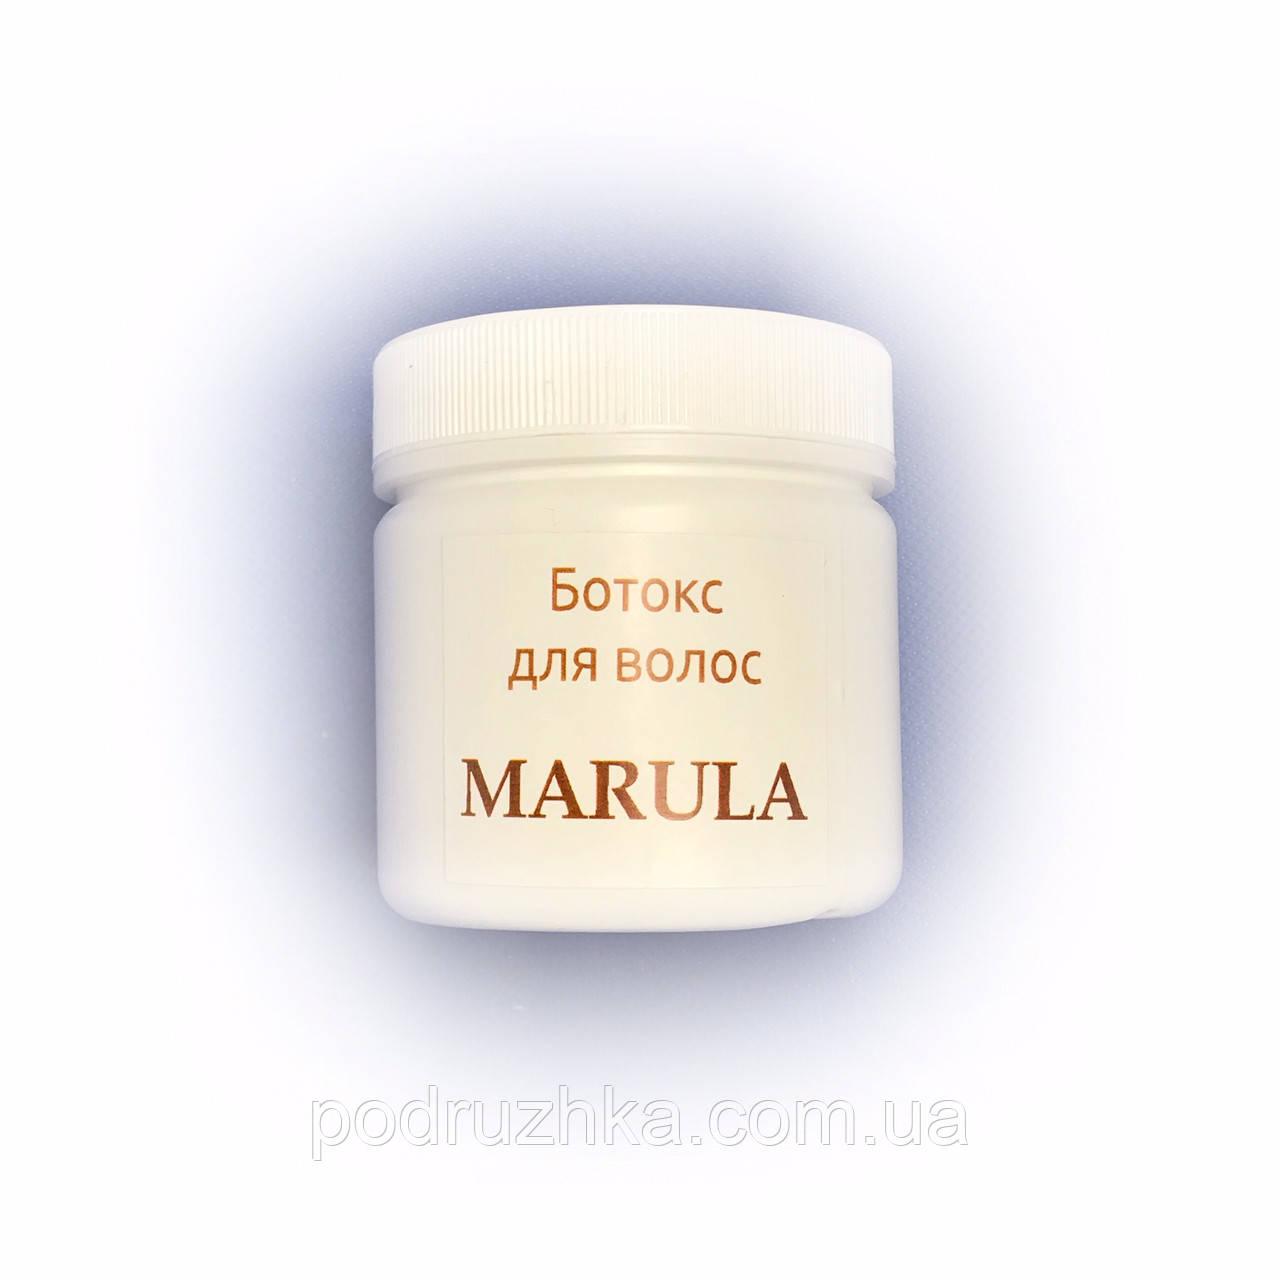 Ботокс для волос Marula 500 г